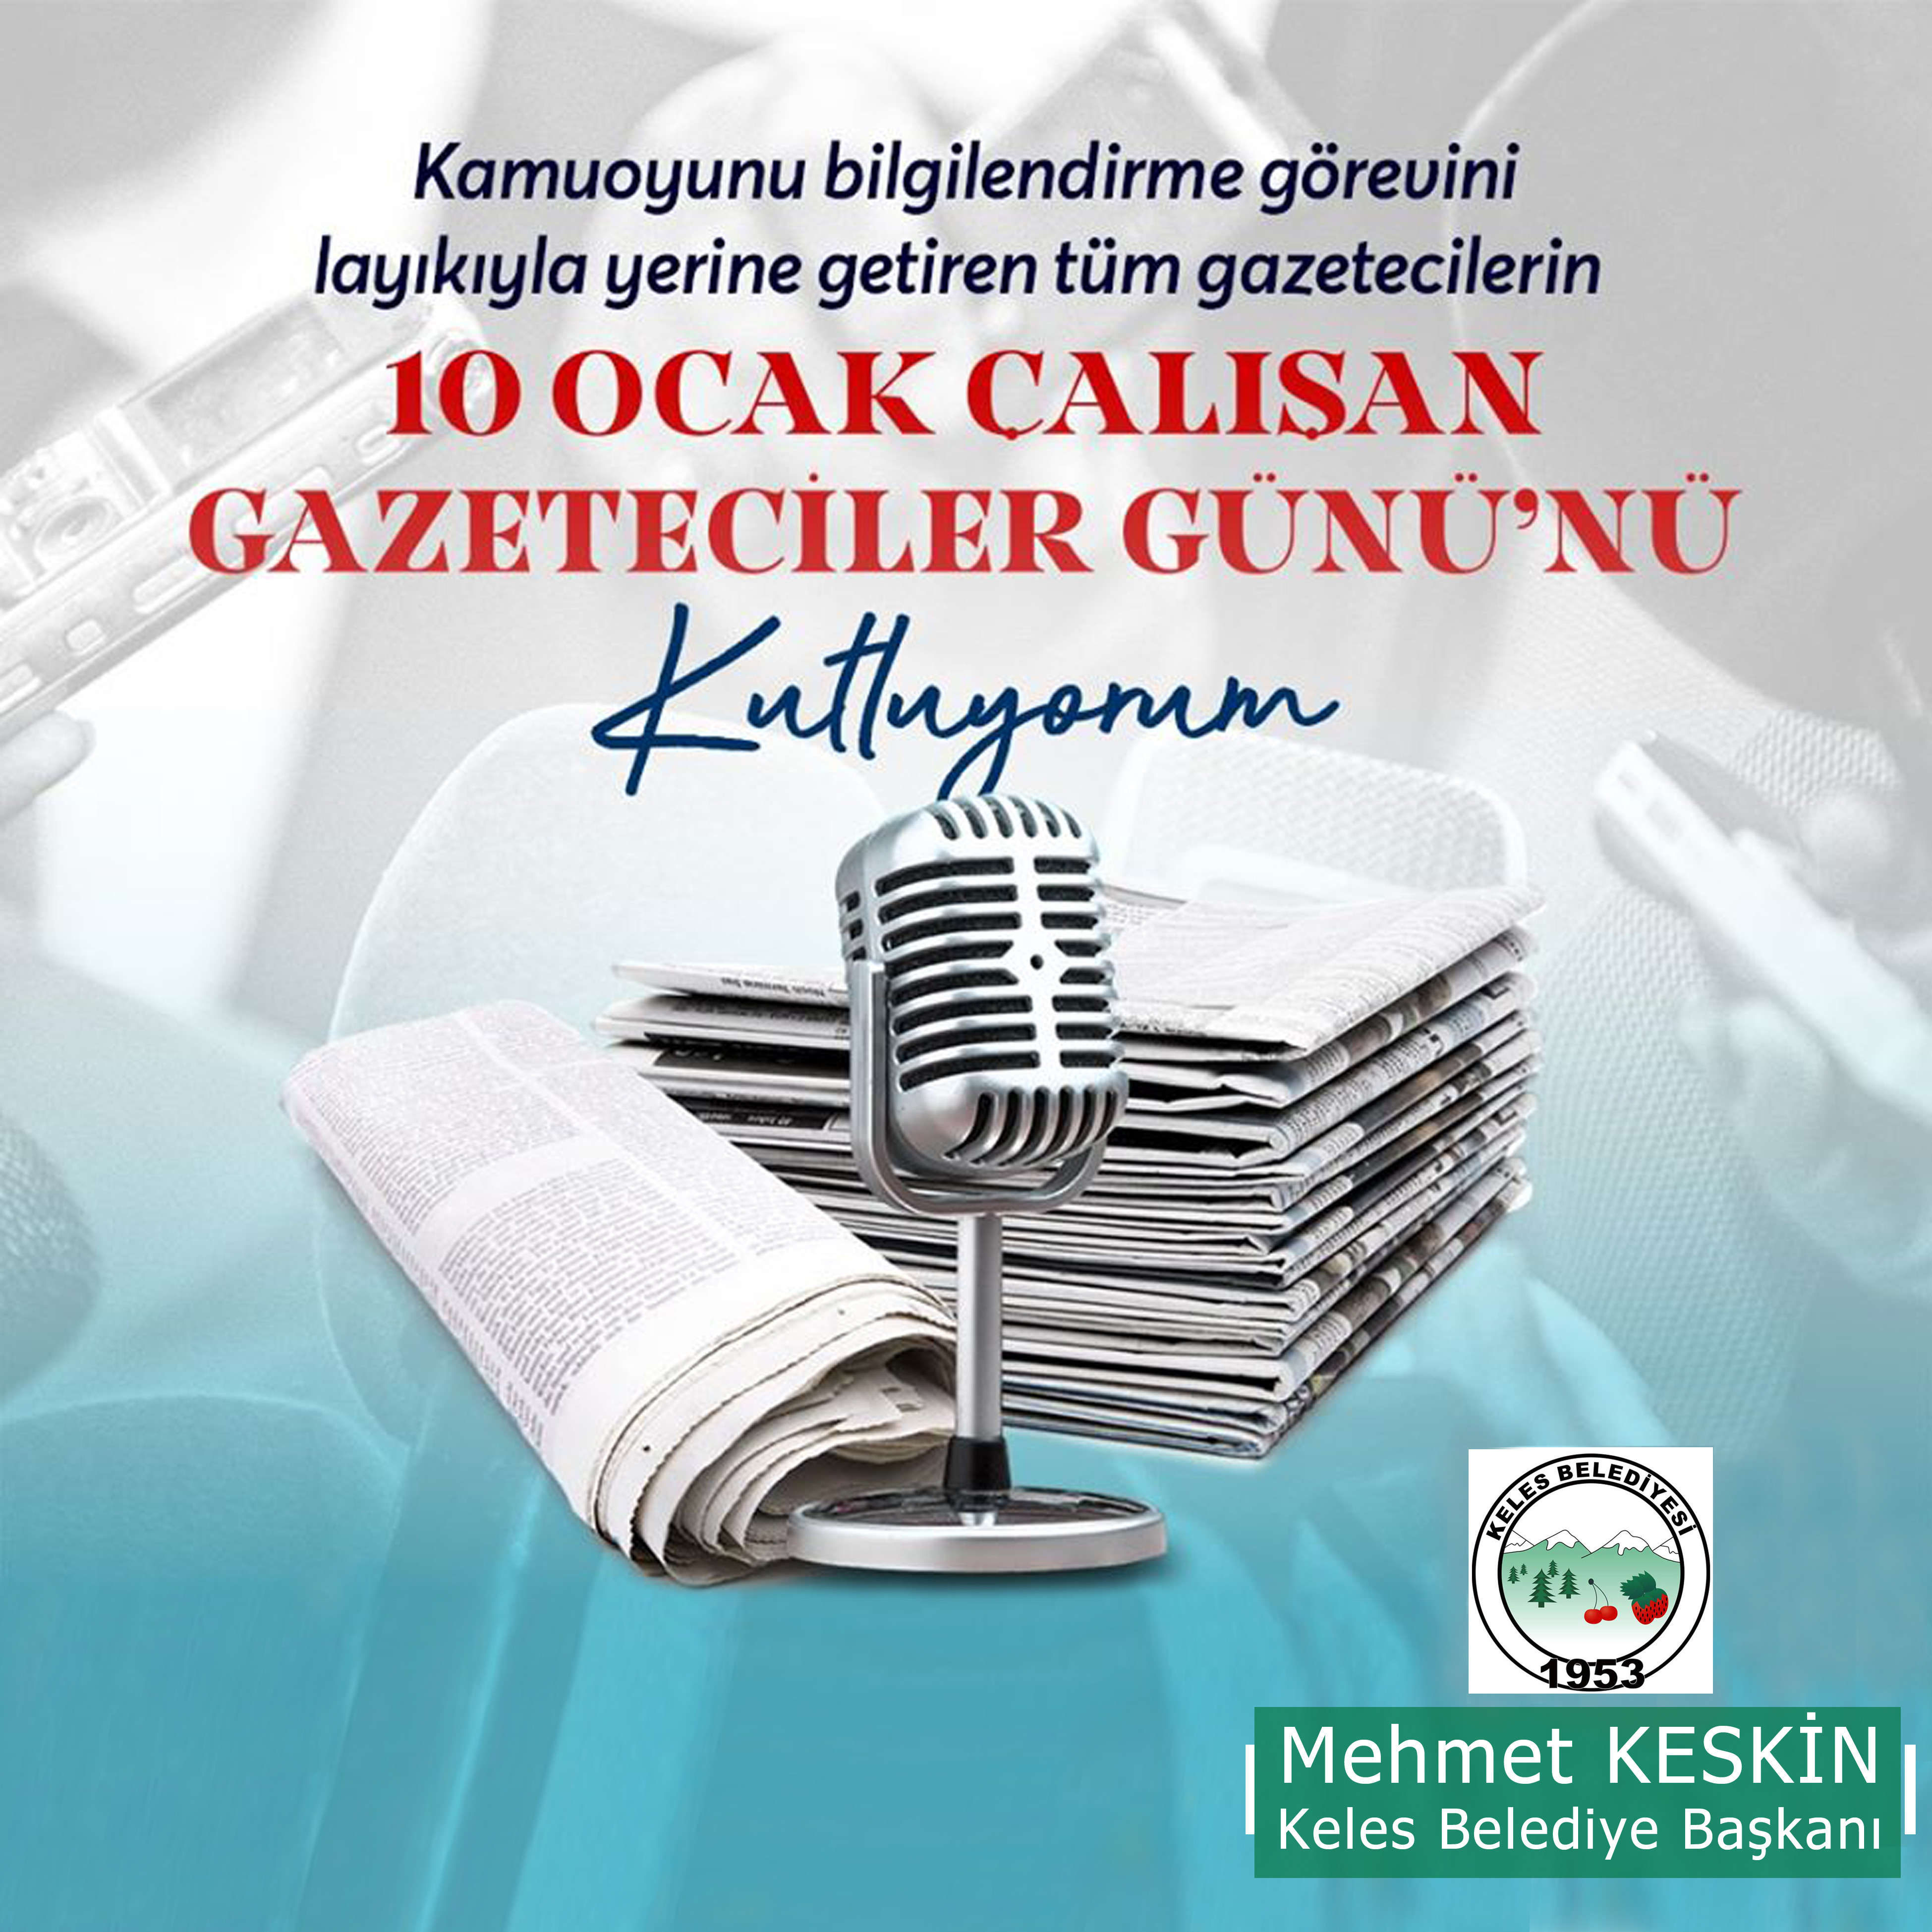 10 Ocak Çalışan Gazeteciler Günü Kutlama Mesajı